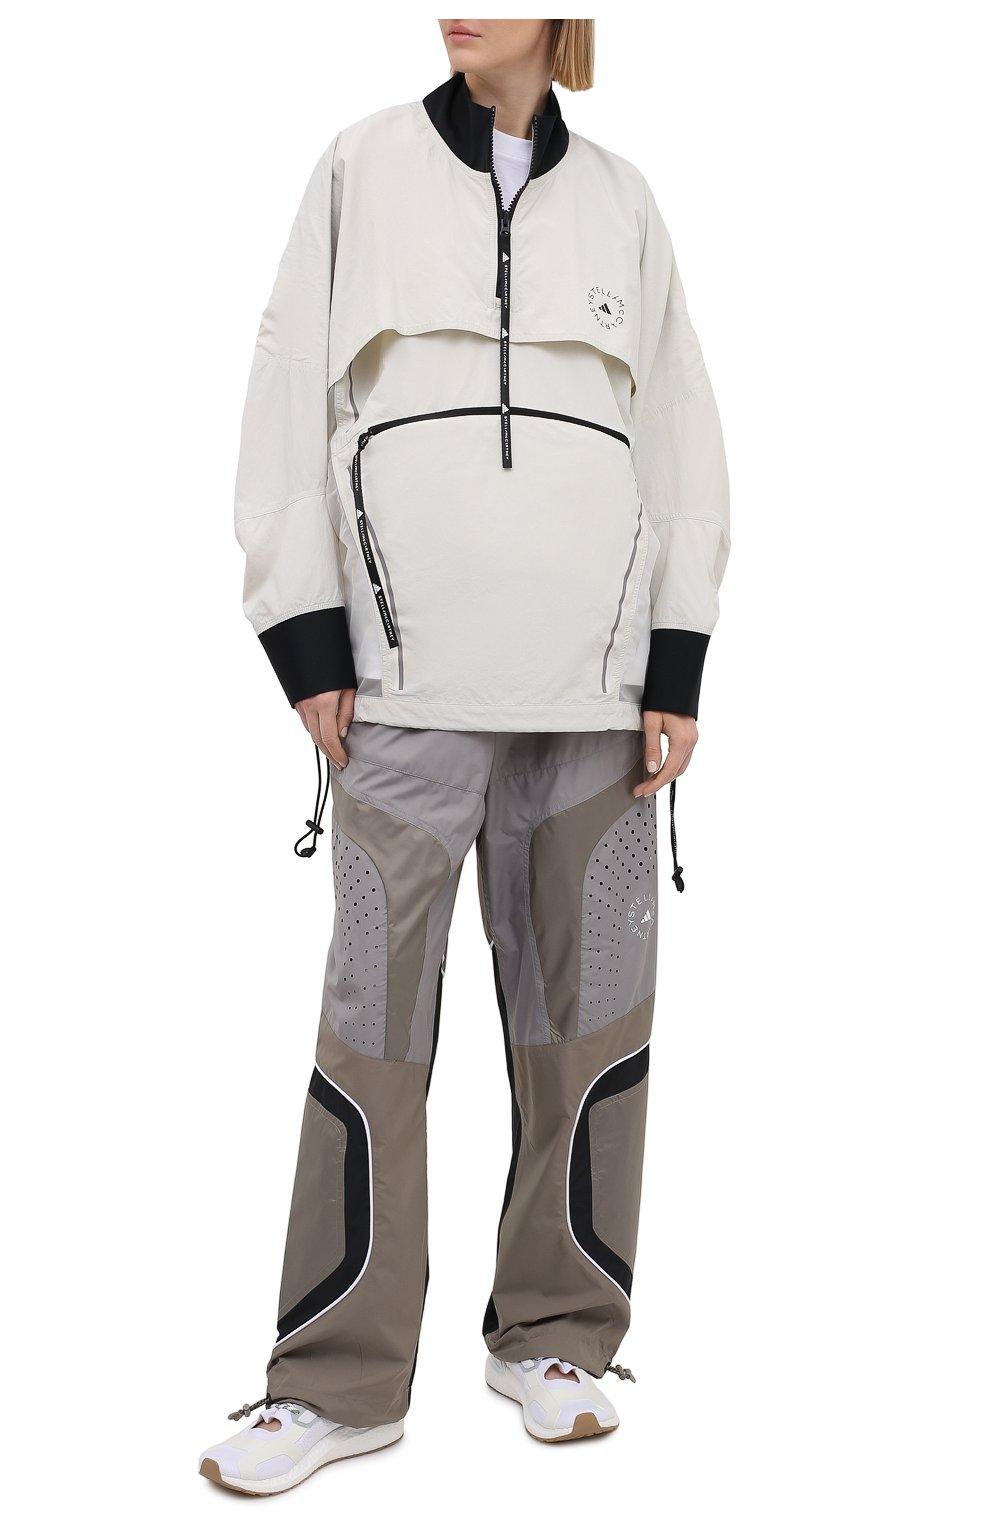 Женская ветровка ADIDAS BY STELLA MCCARTNEY серого цвета, арт. GL7630 | Фото 2 (Кросс-КТ: Куртка, Ветровка; Рукава: Длинные; Женское Кросс-КТ: Куртка-спорт; Материал внешний: Синтетический материал; Стили: Спорт-шик; Длина (верхняя одежда): Короткие)